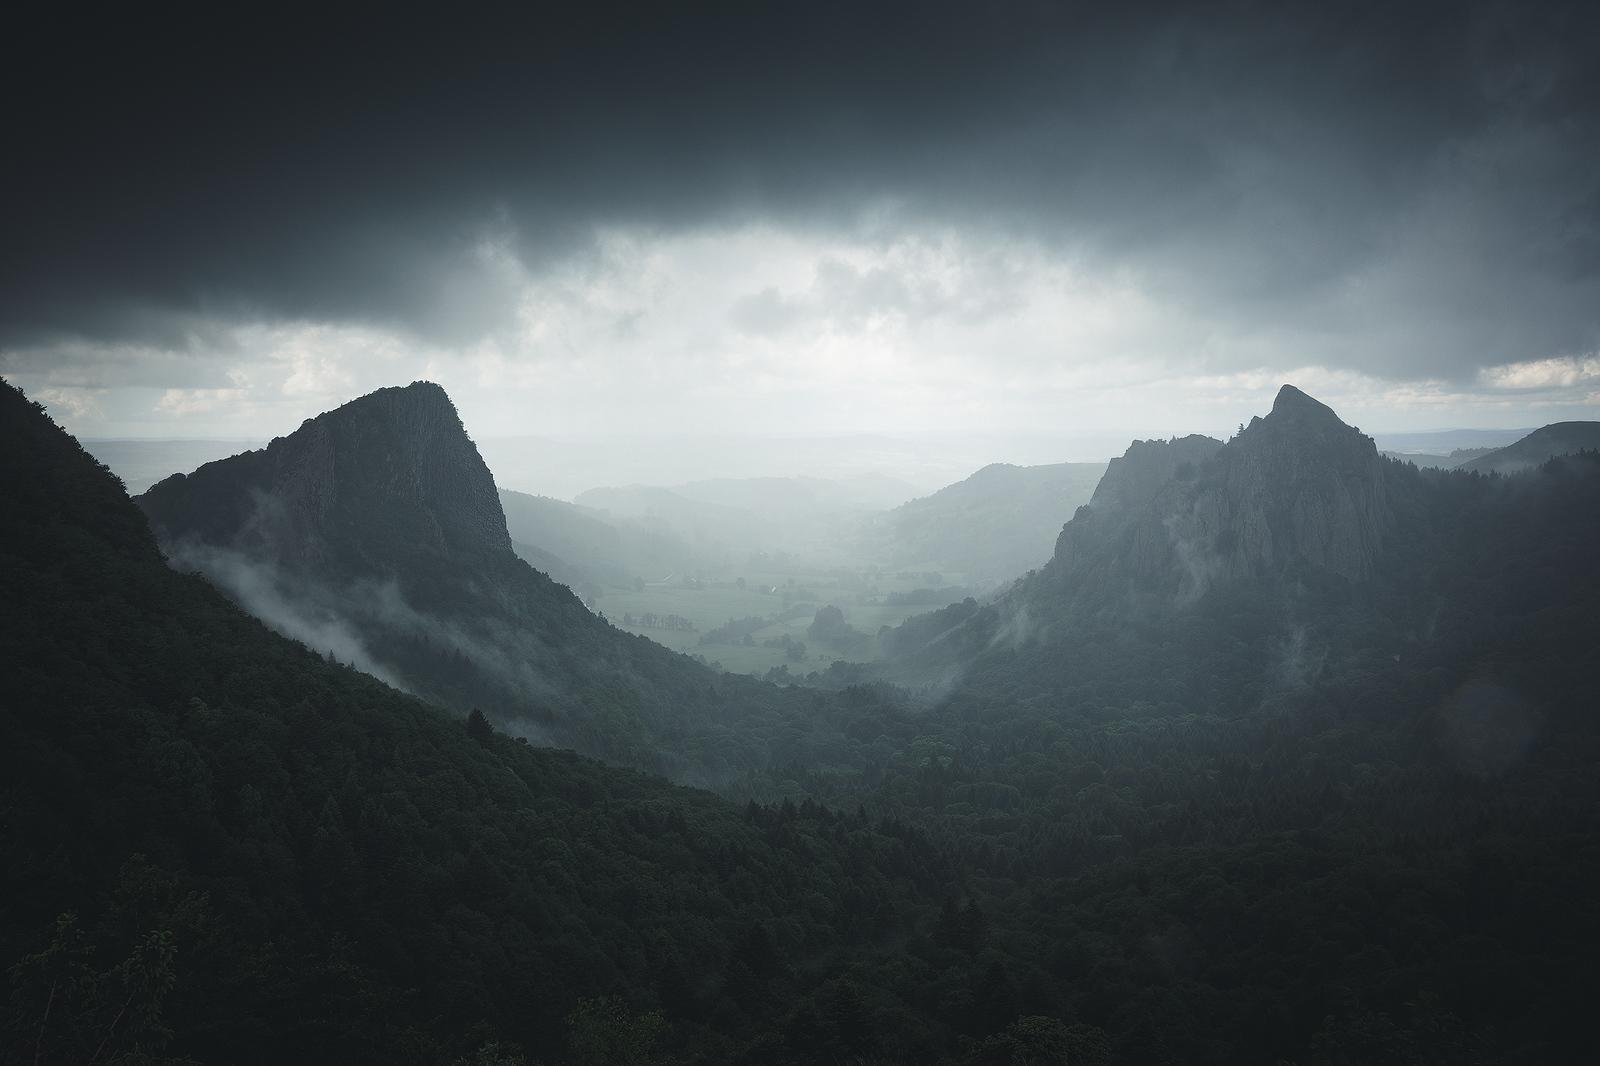 Bộ Sưu Tập Preset Chuyên Dành Cho Ảnh Phong Cảnh – Beboy Landscape Presets Pack 1 + Pack 2 (XMP)